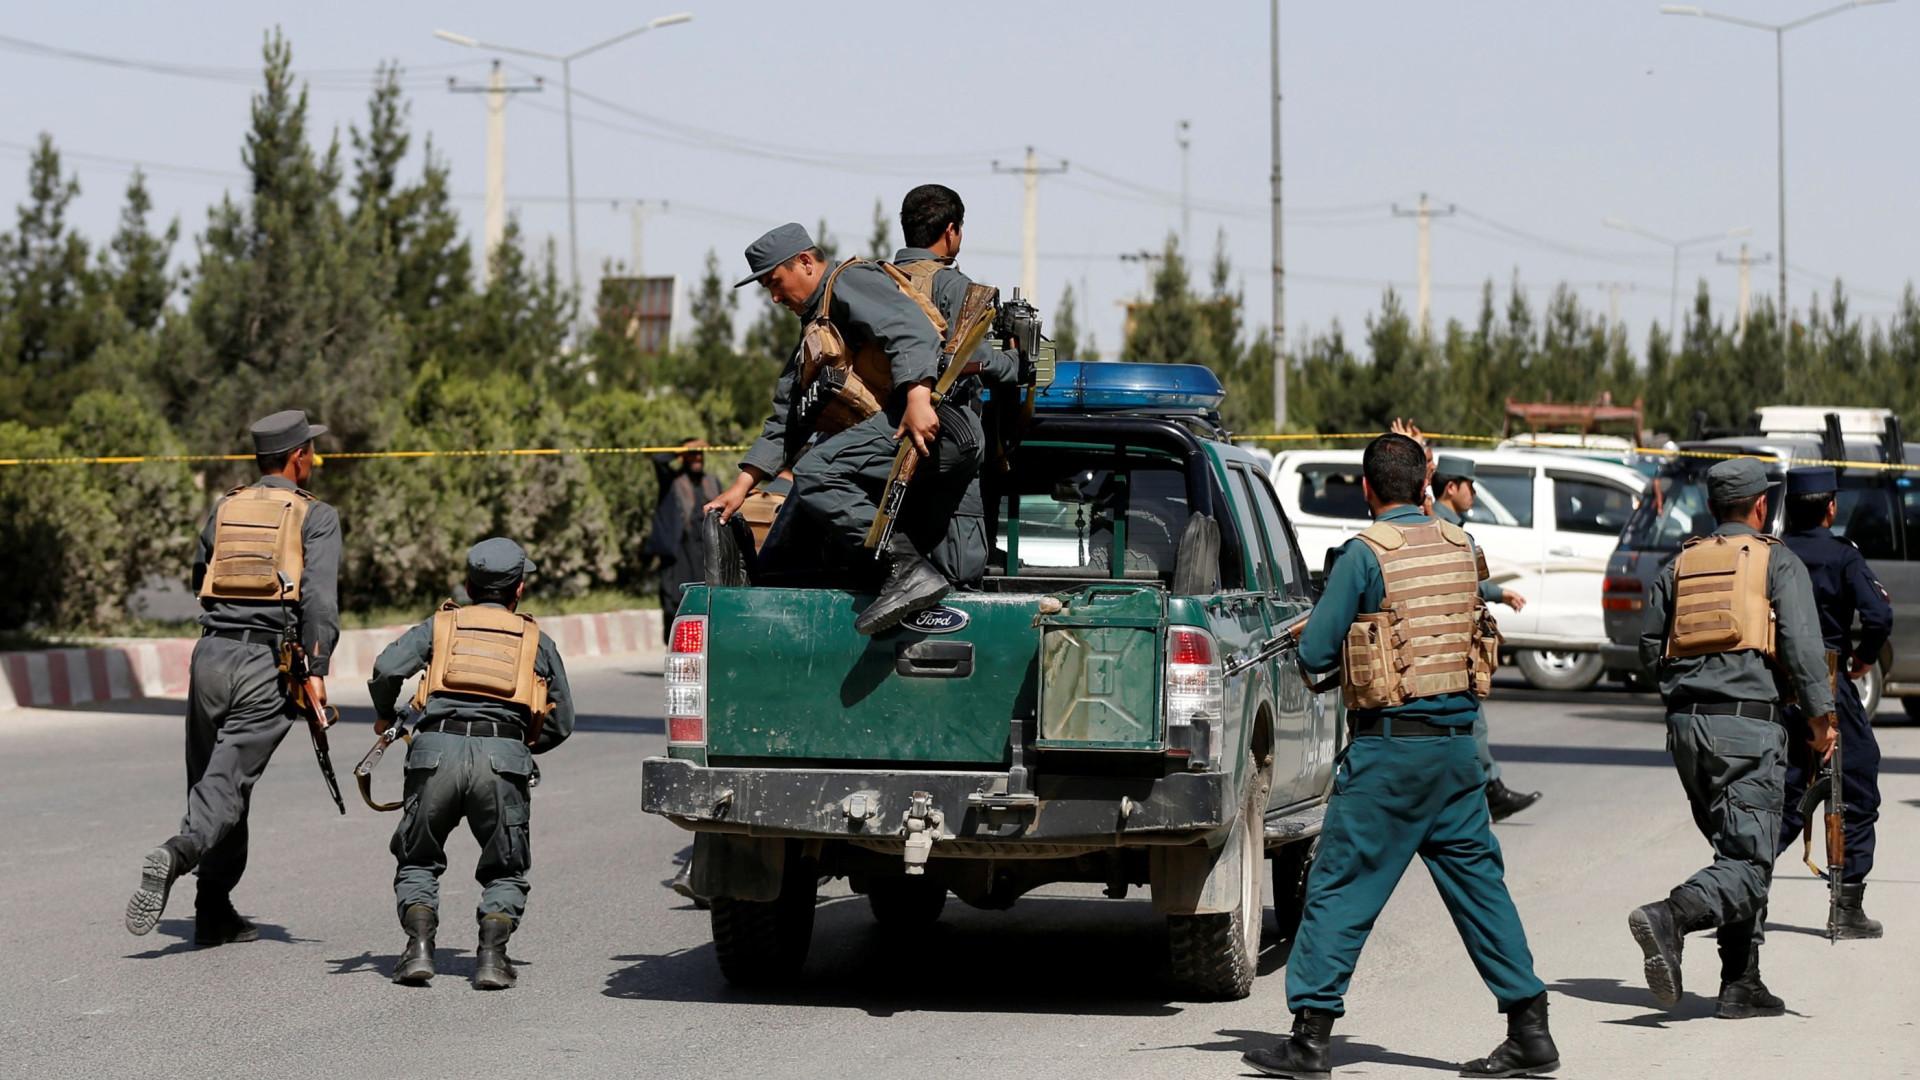 Explosão em comício de candidata no Afeganistão fez pelo menos 12 mortos